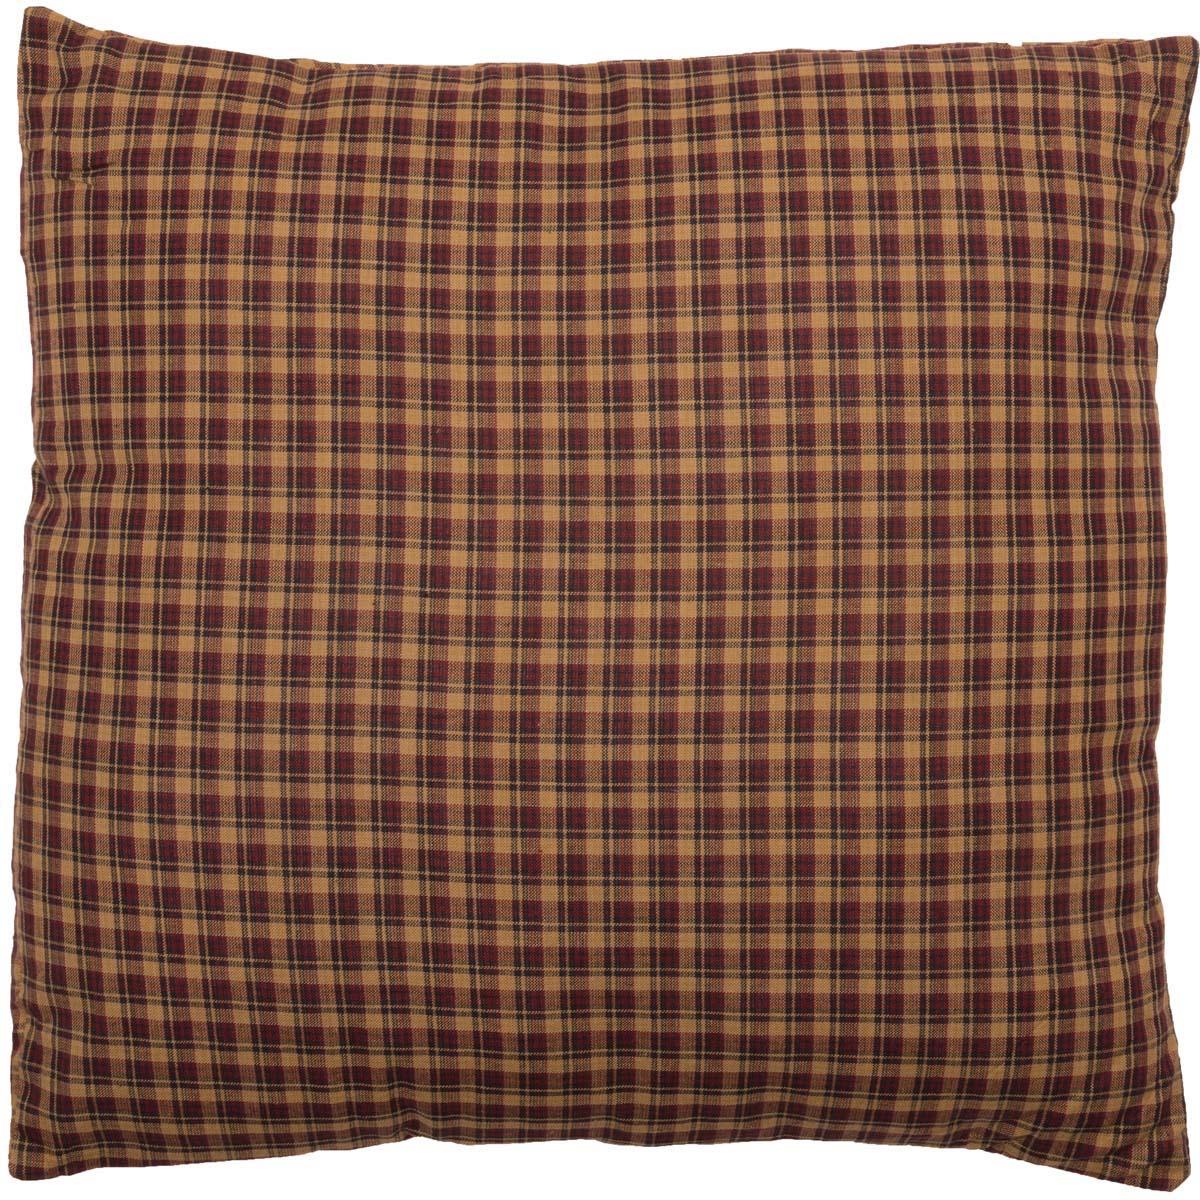 Deep Red Primitive Bedding Antique Patch Cotton Plaid Square Pillow (Pillow Cover, Pillow Insert)